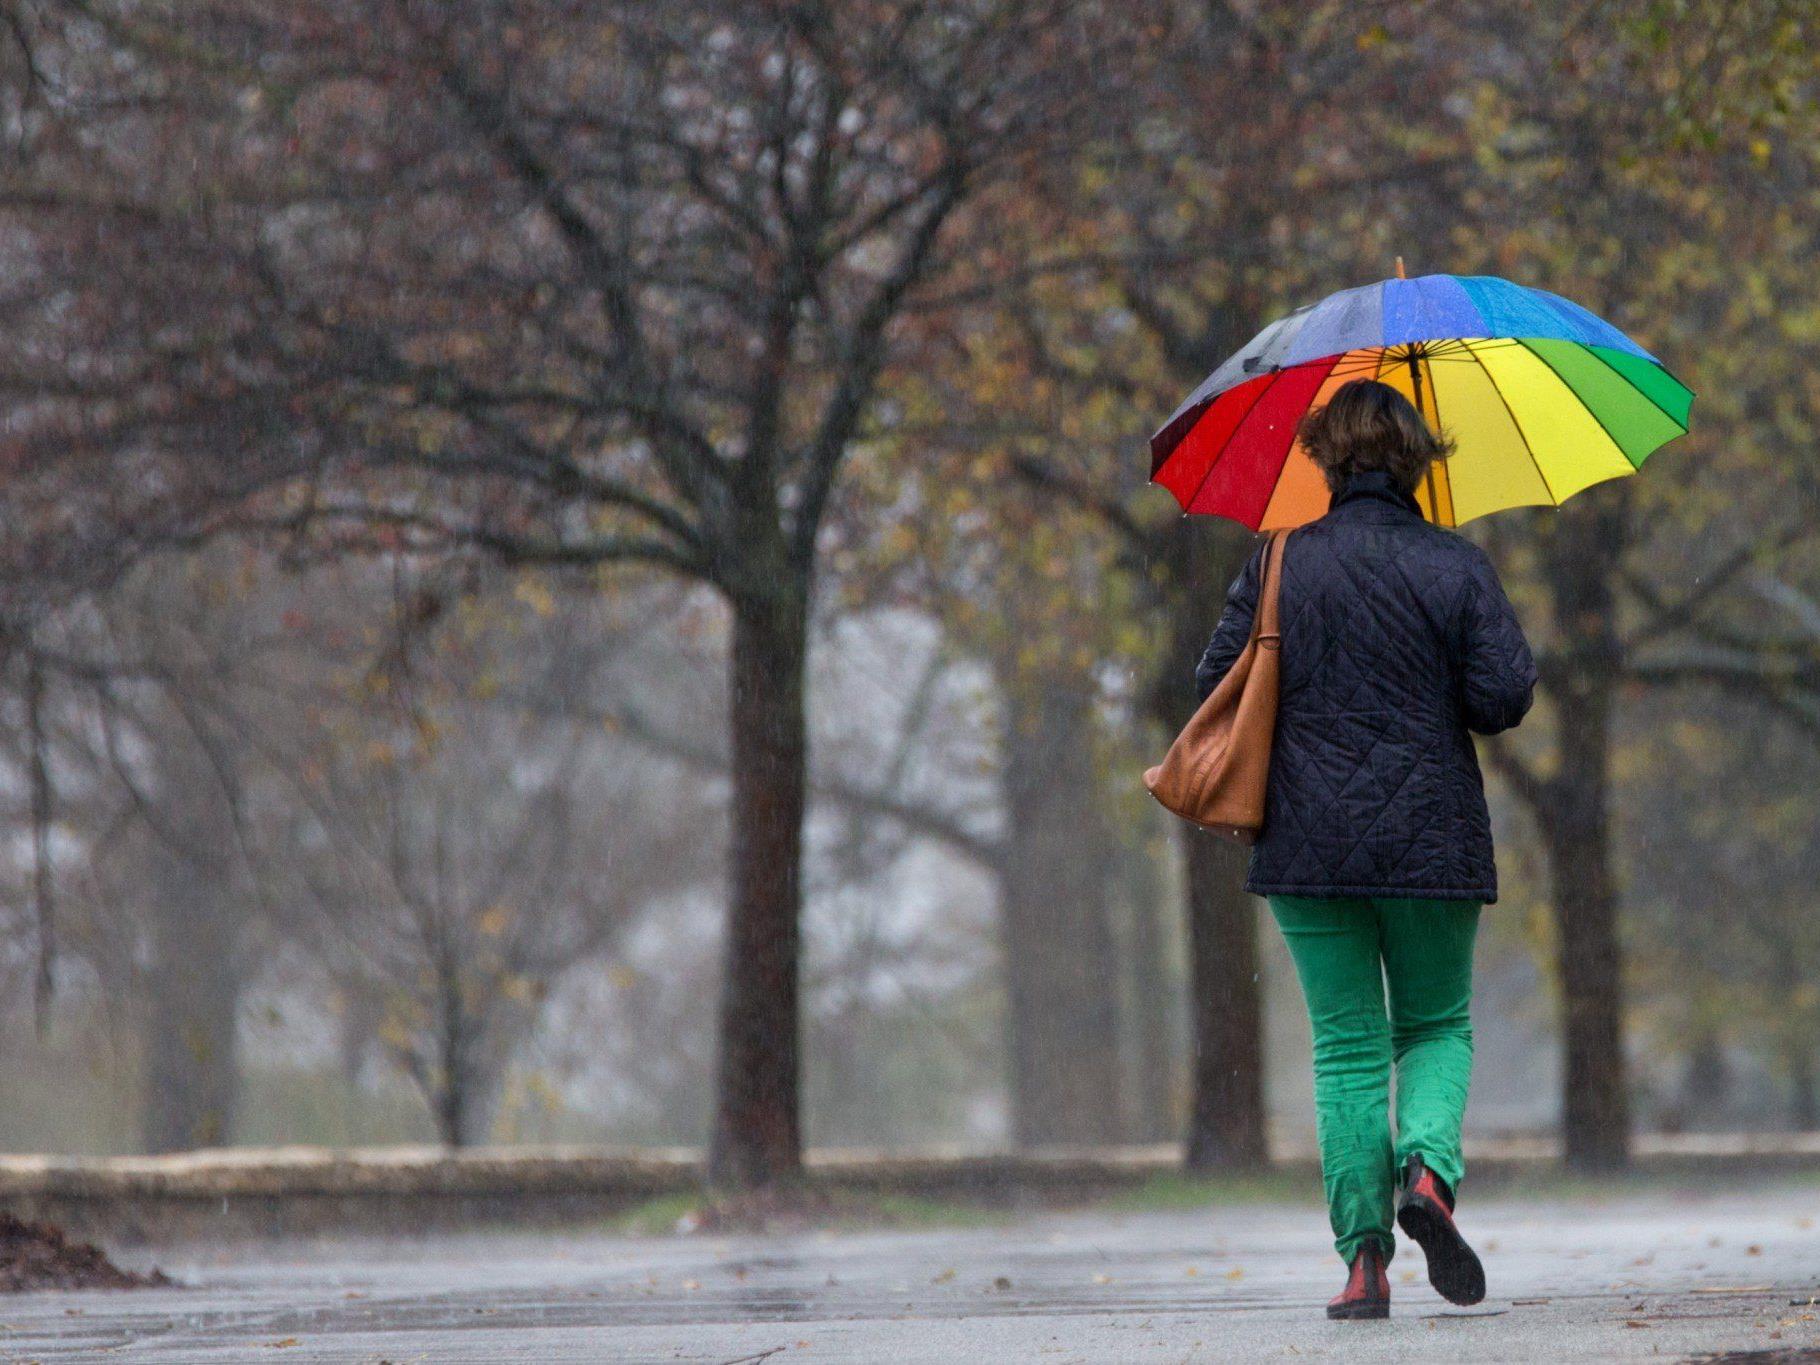 Wetter in der kommenden Woche: Wolken, Wind und Niederschlag